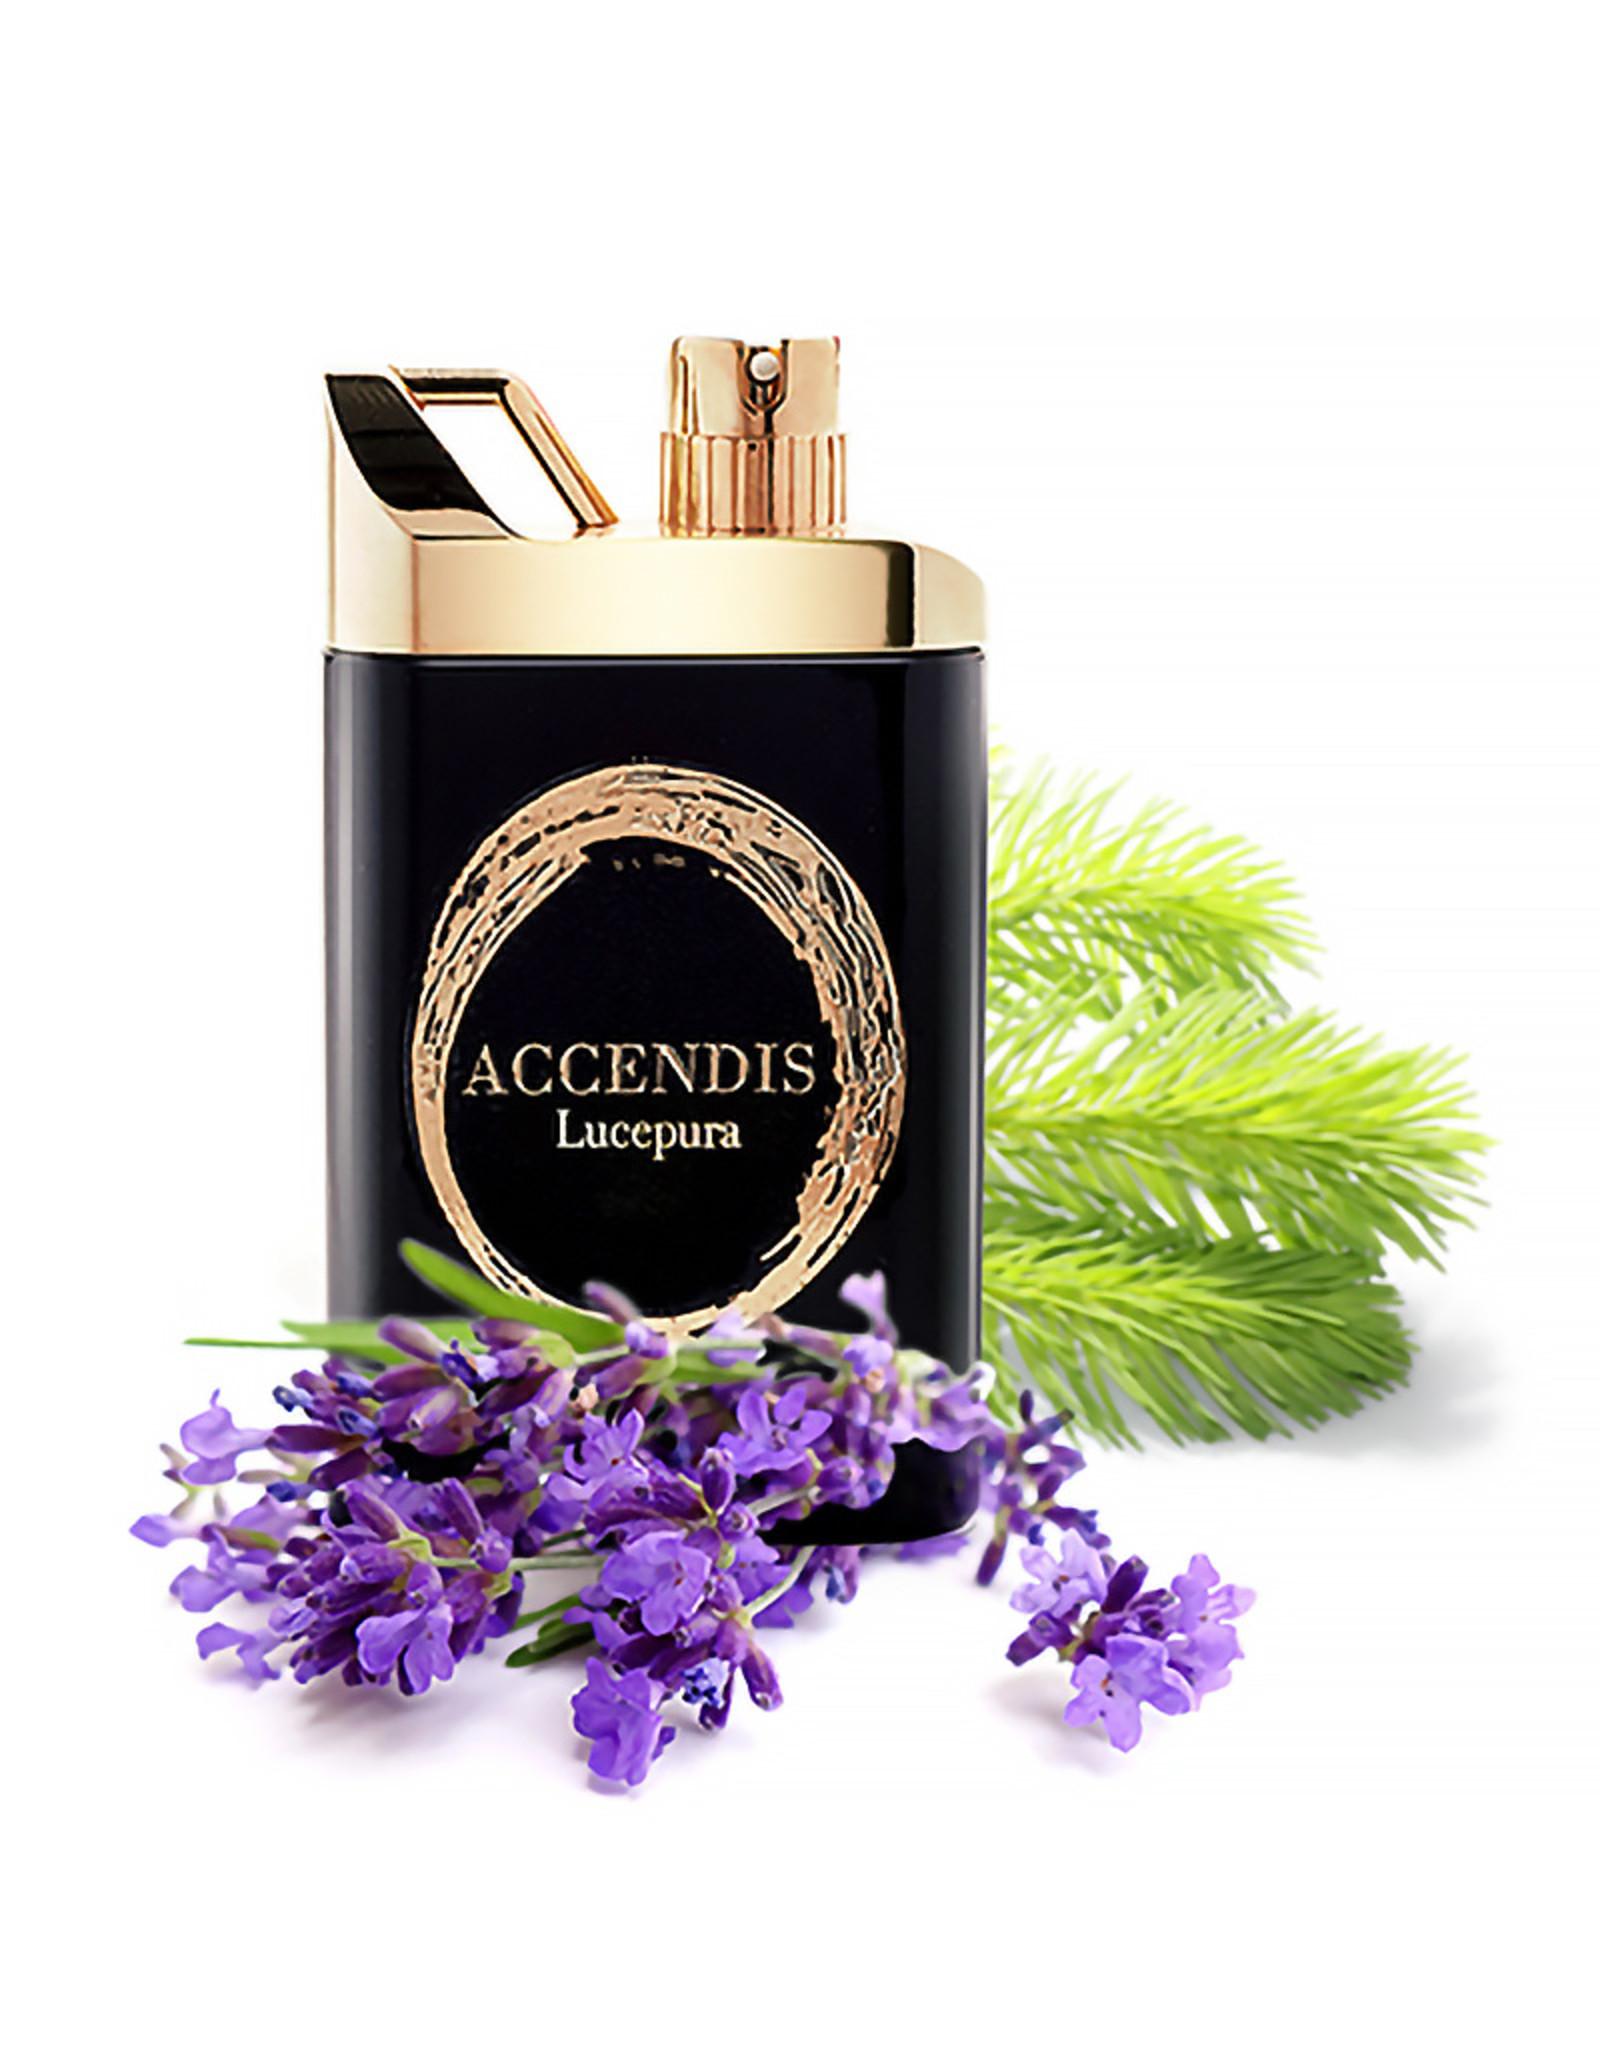 Accendis Lucepura - Eau De Parfum - Accendis